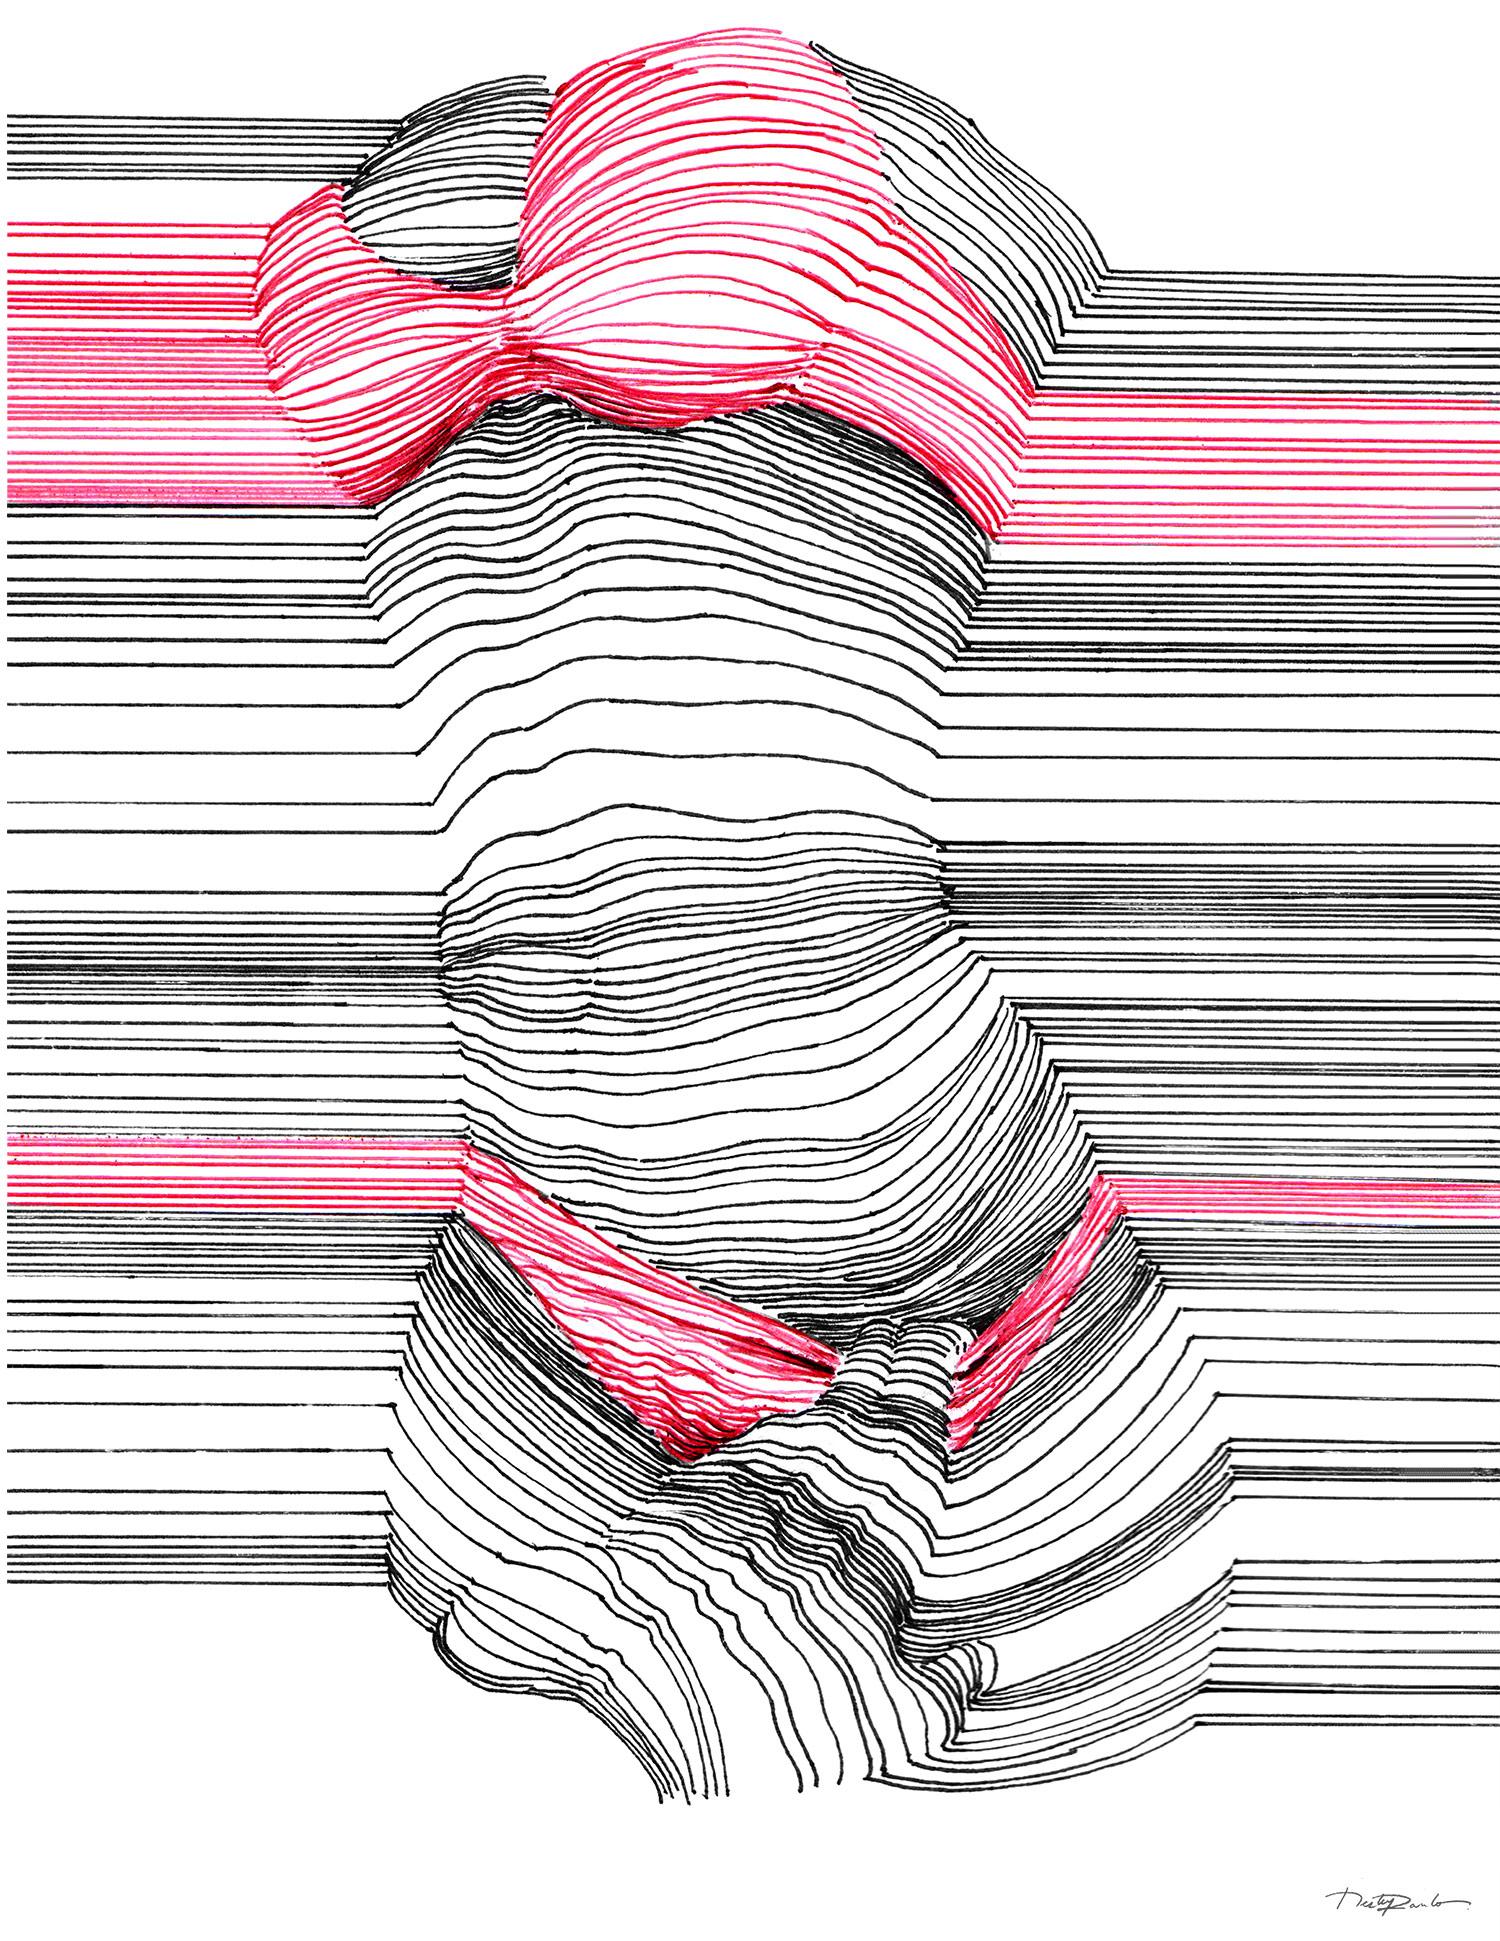 Nester Formentera - Desire